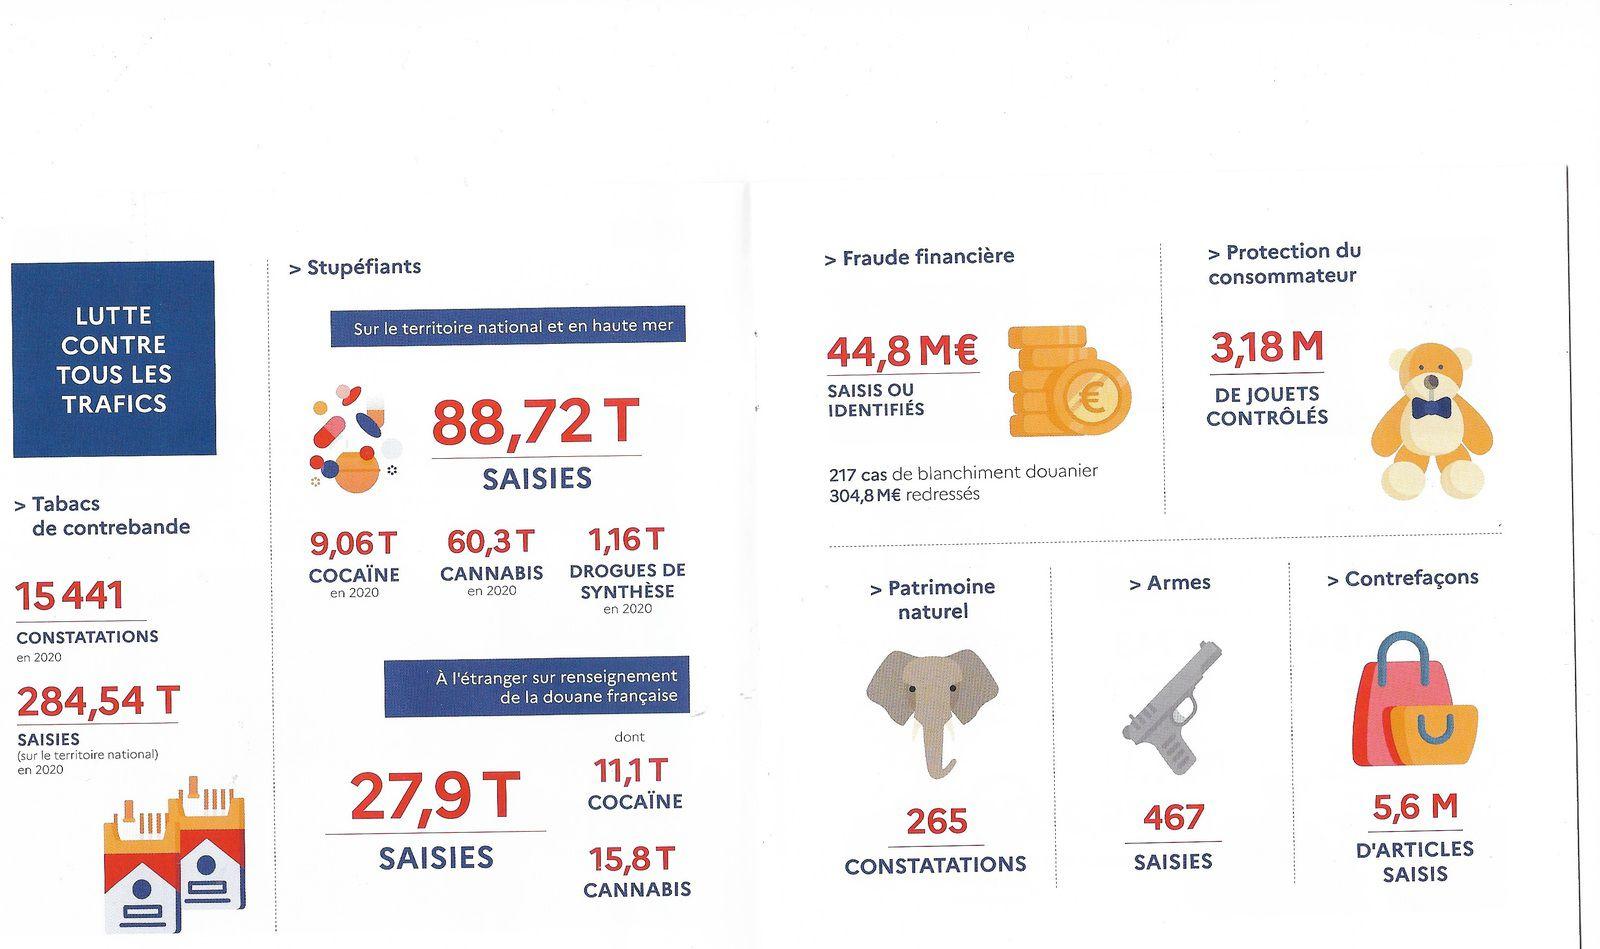 Source : Direction générale des douanes et droits indirects